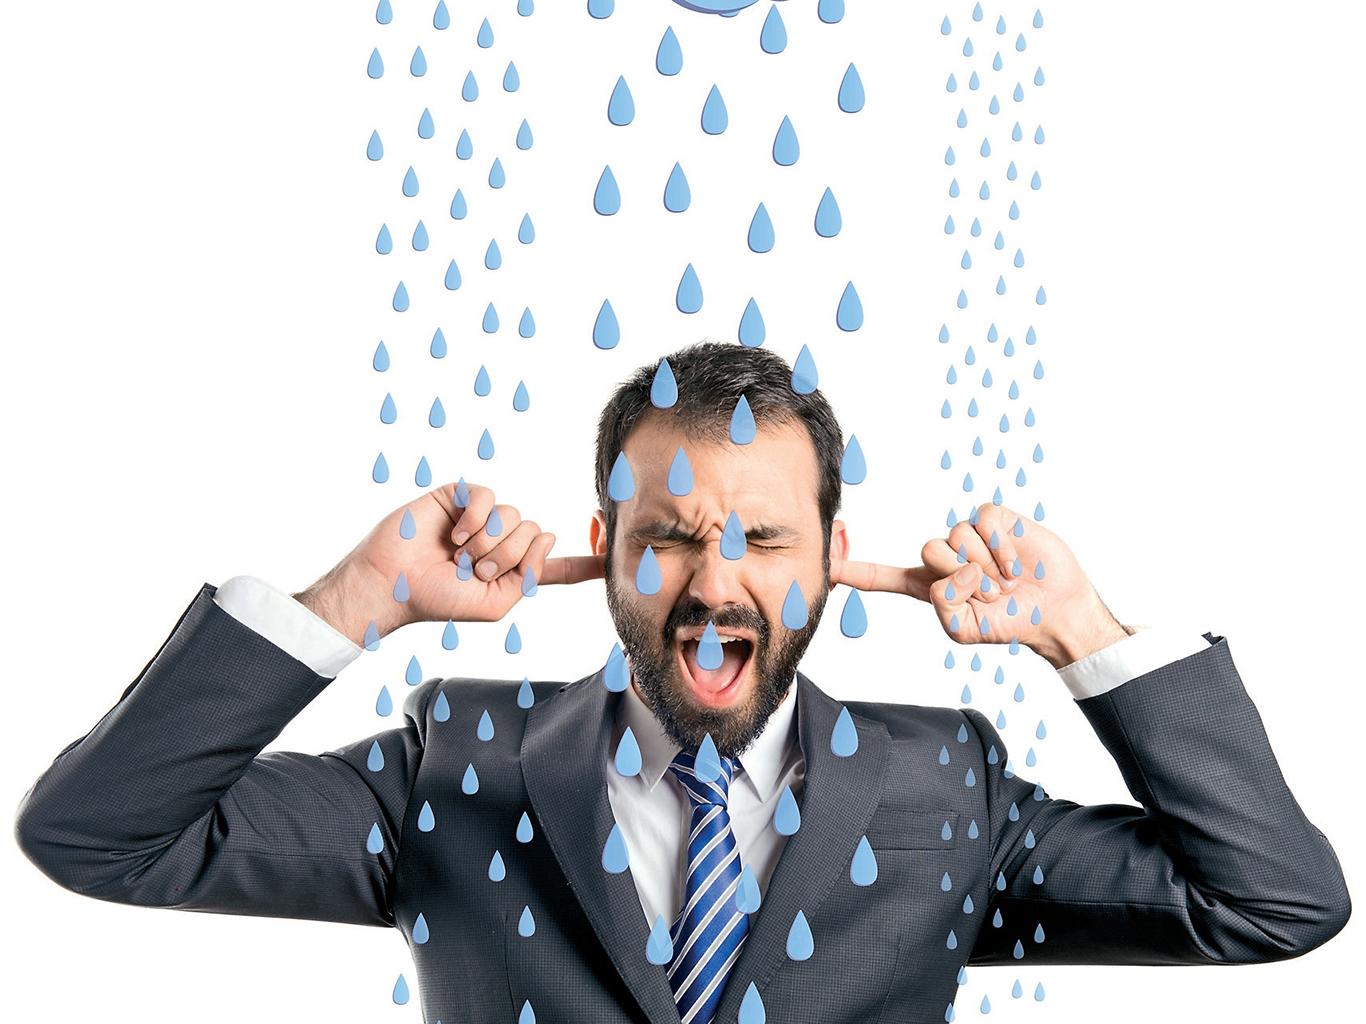 Метеозависимость: как бороться с зависимостью от погоды